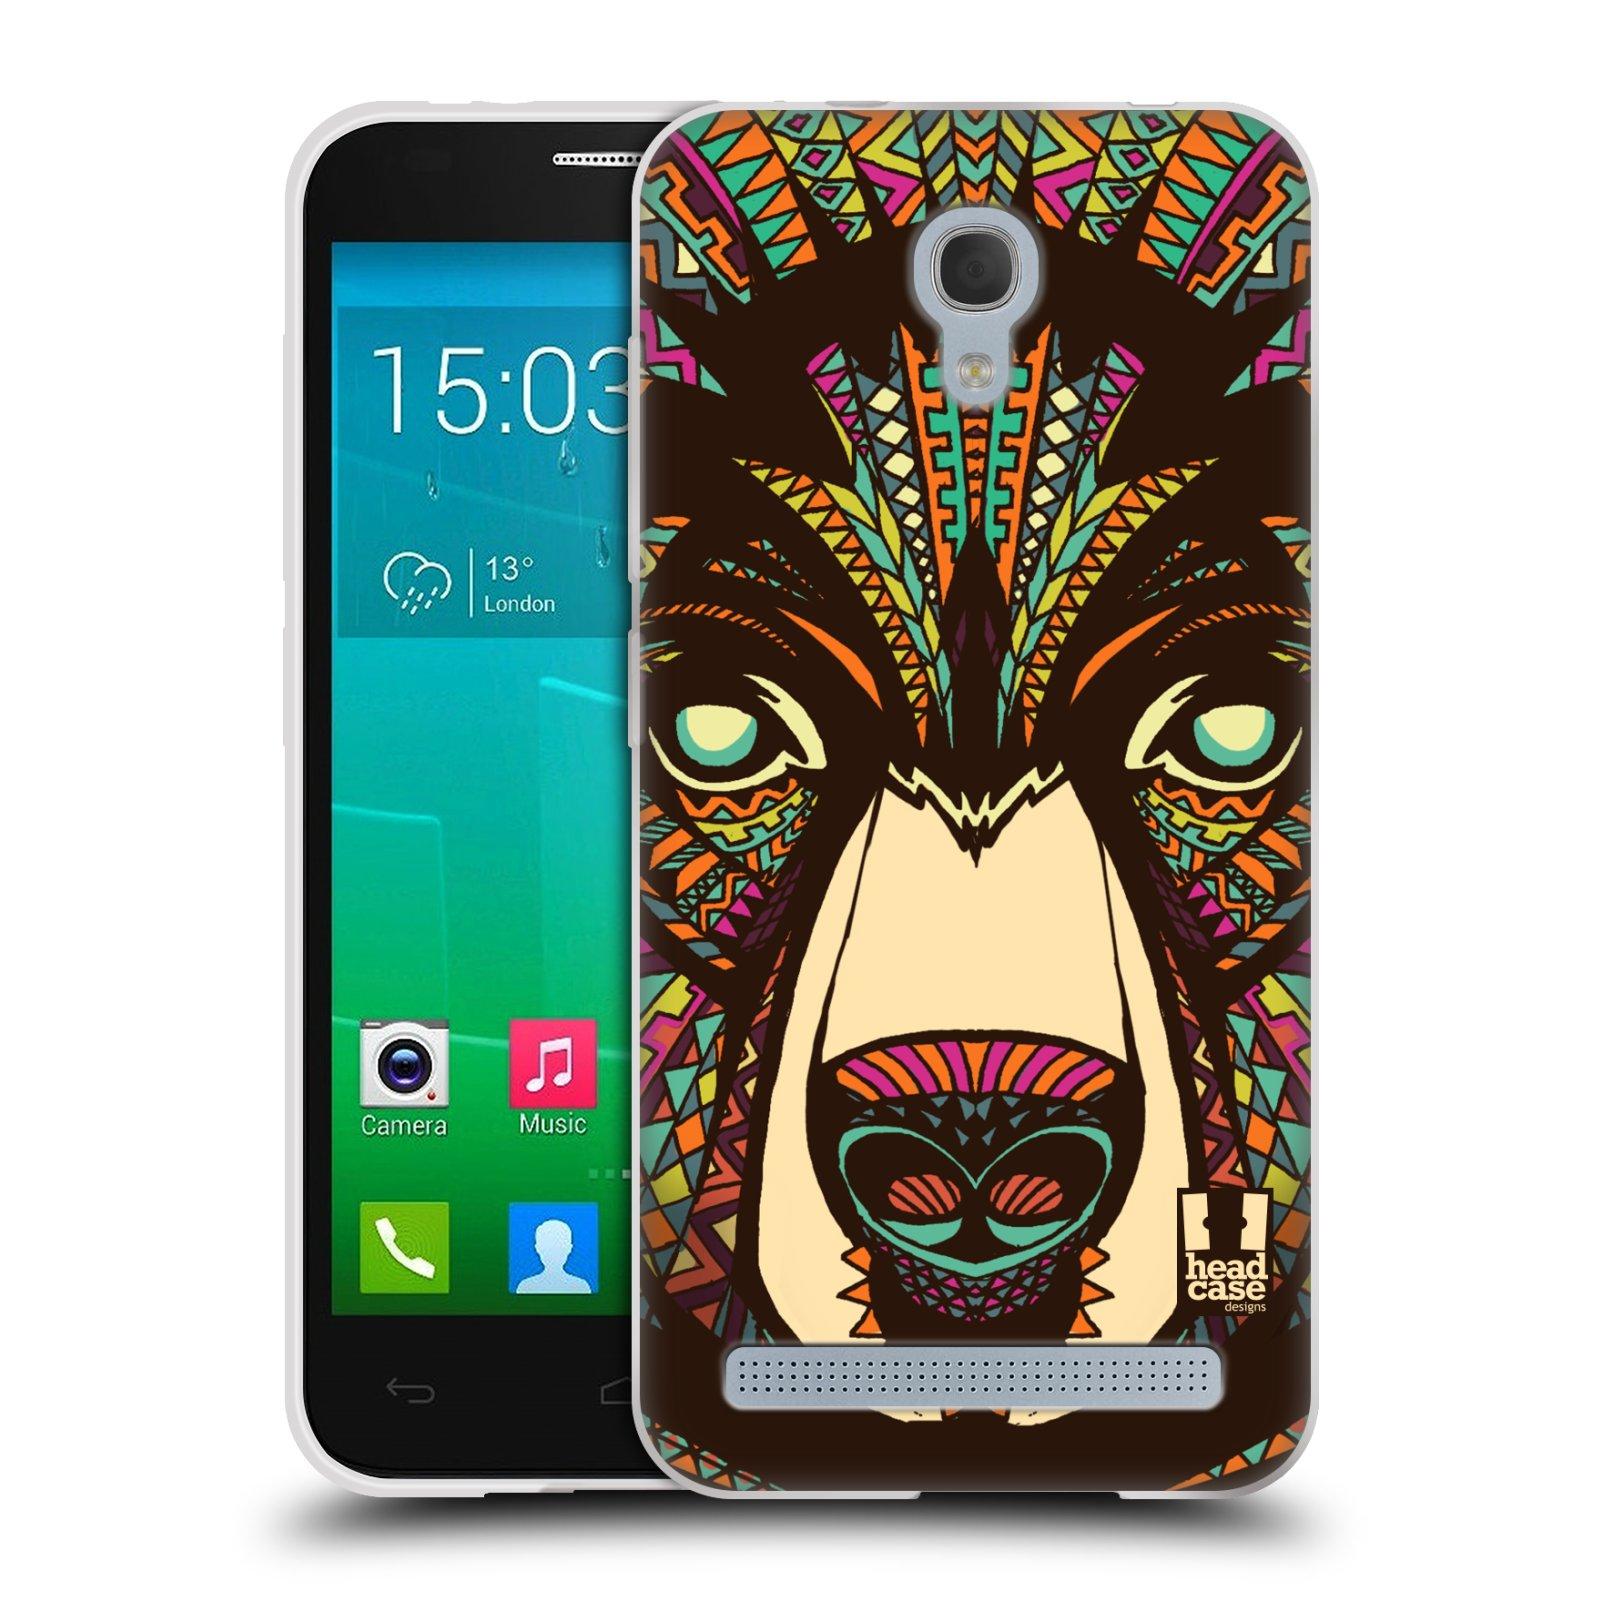 Silikonové pouzdro na mobil Alcatel One Touch Idol 2 Mini S 6036Y HEAD CASE AZTEC MEDVĚD (Silikonový kryt či obal na mobilní telefon Alcatel Idol 2 Mini S OT-6036Y)